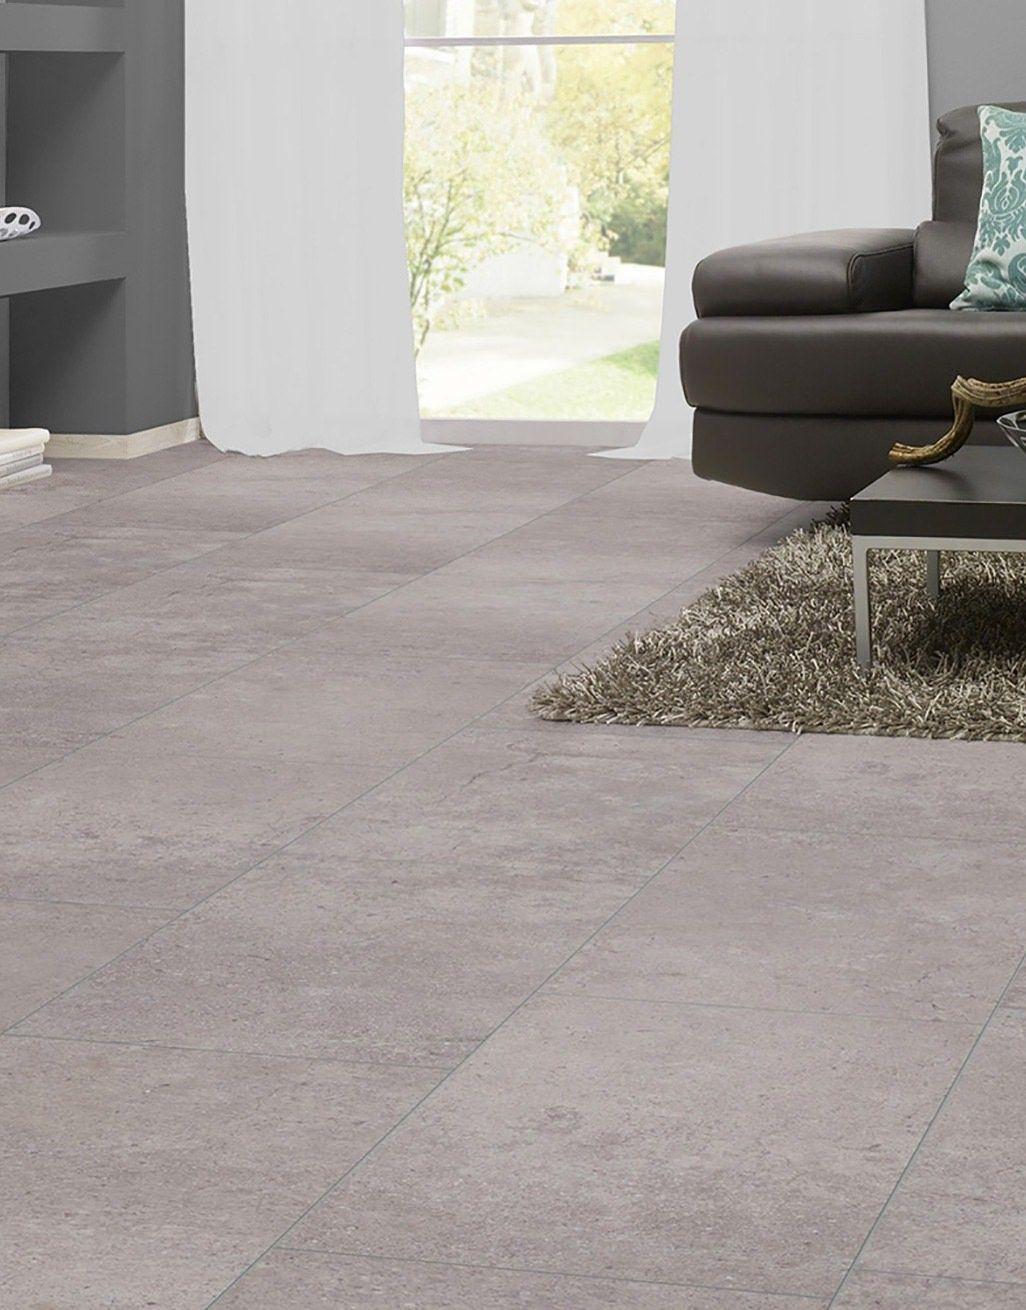 verona tile concrete laminate flooring